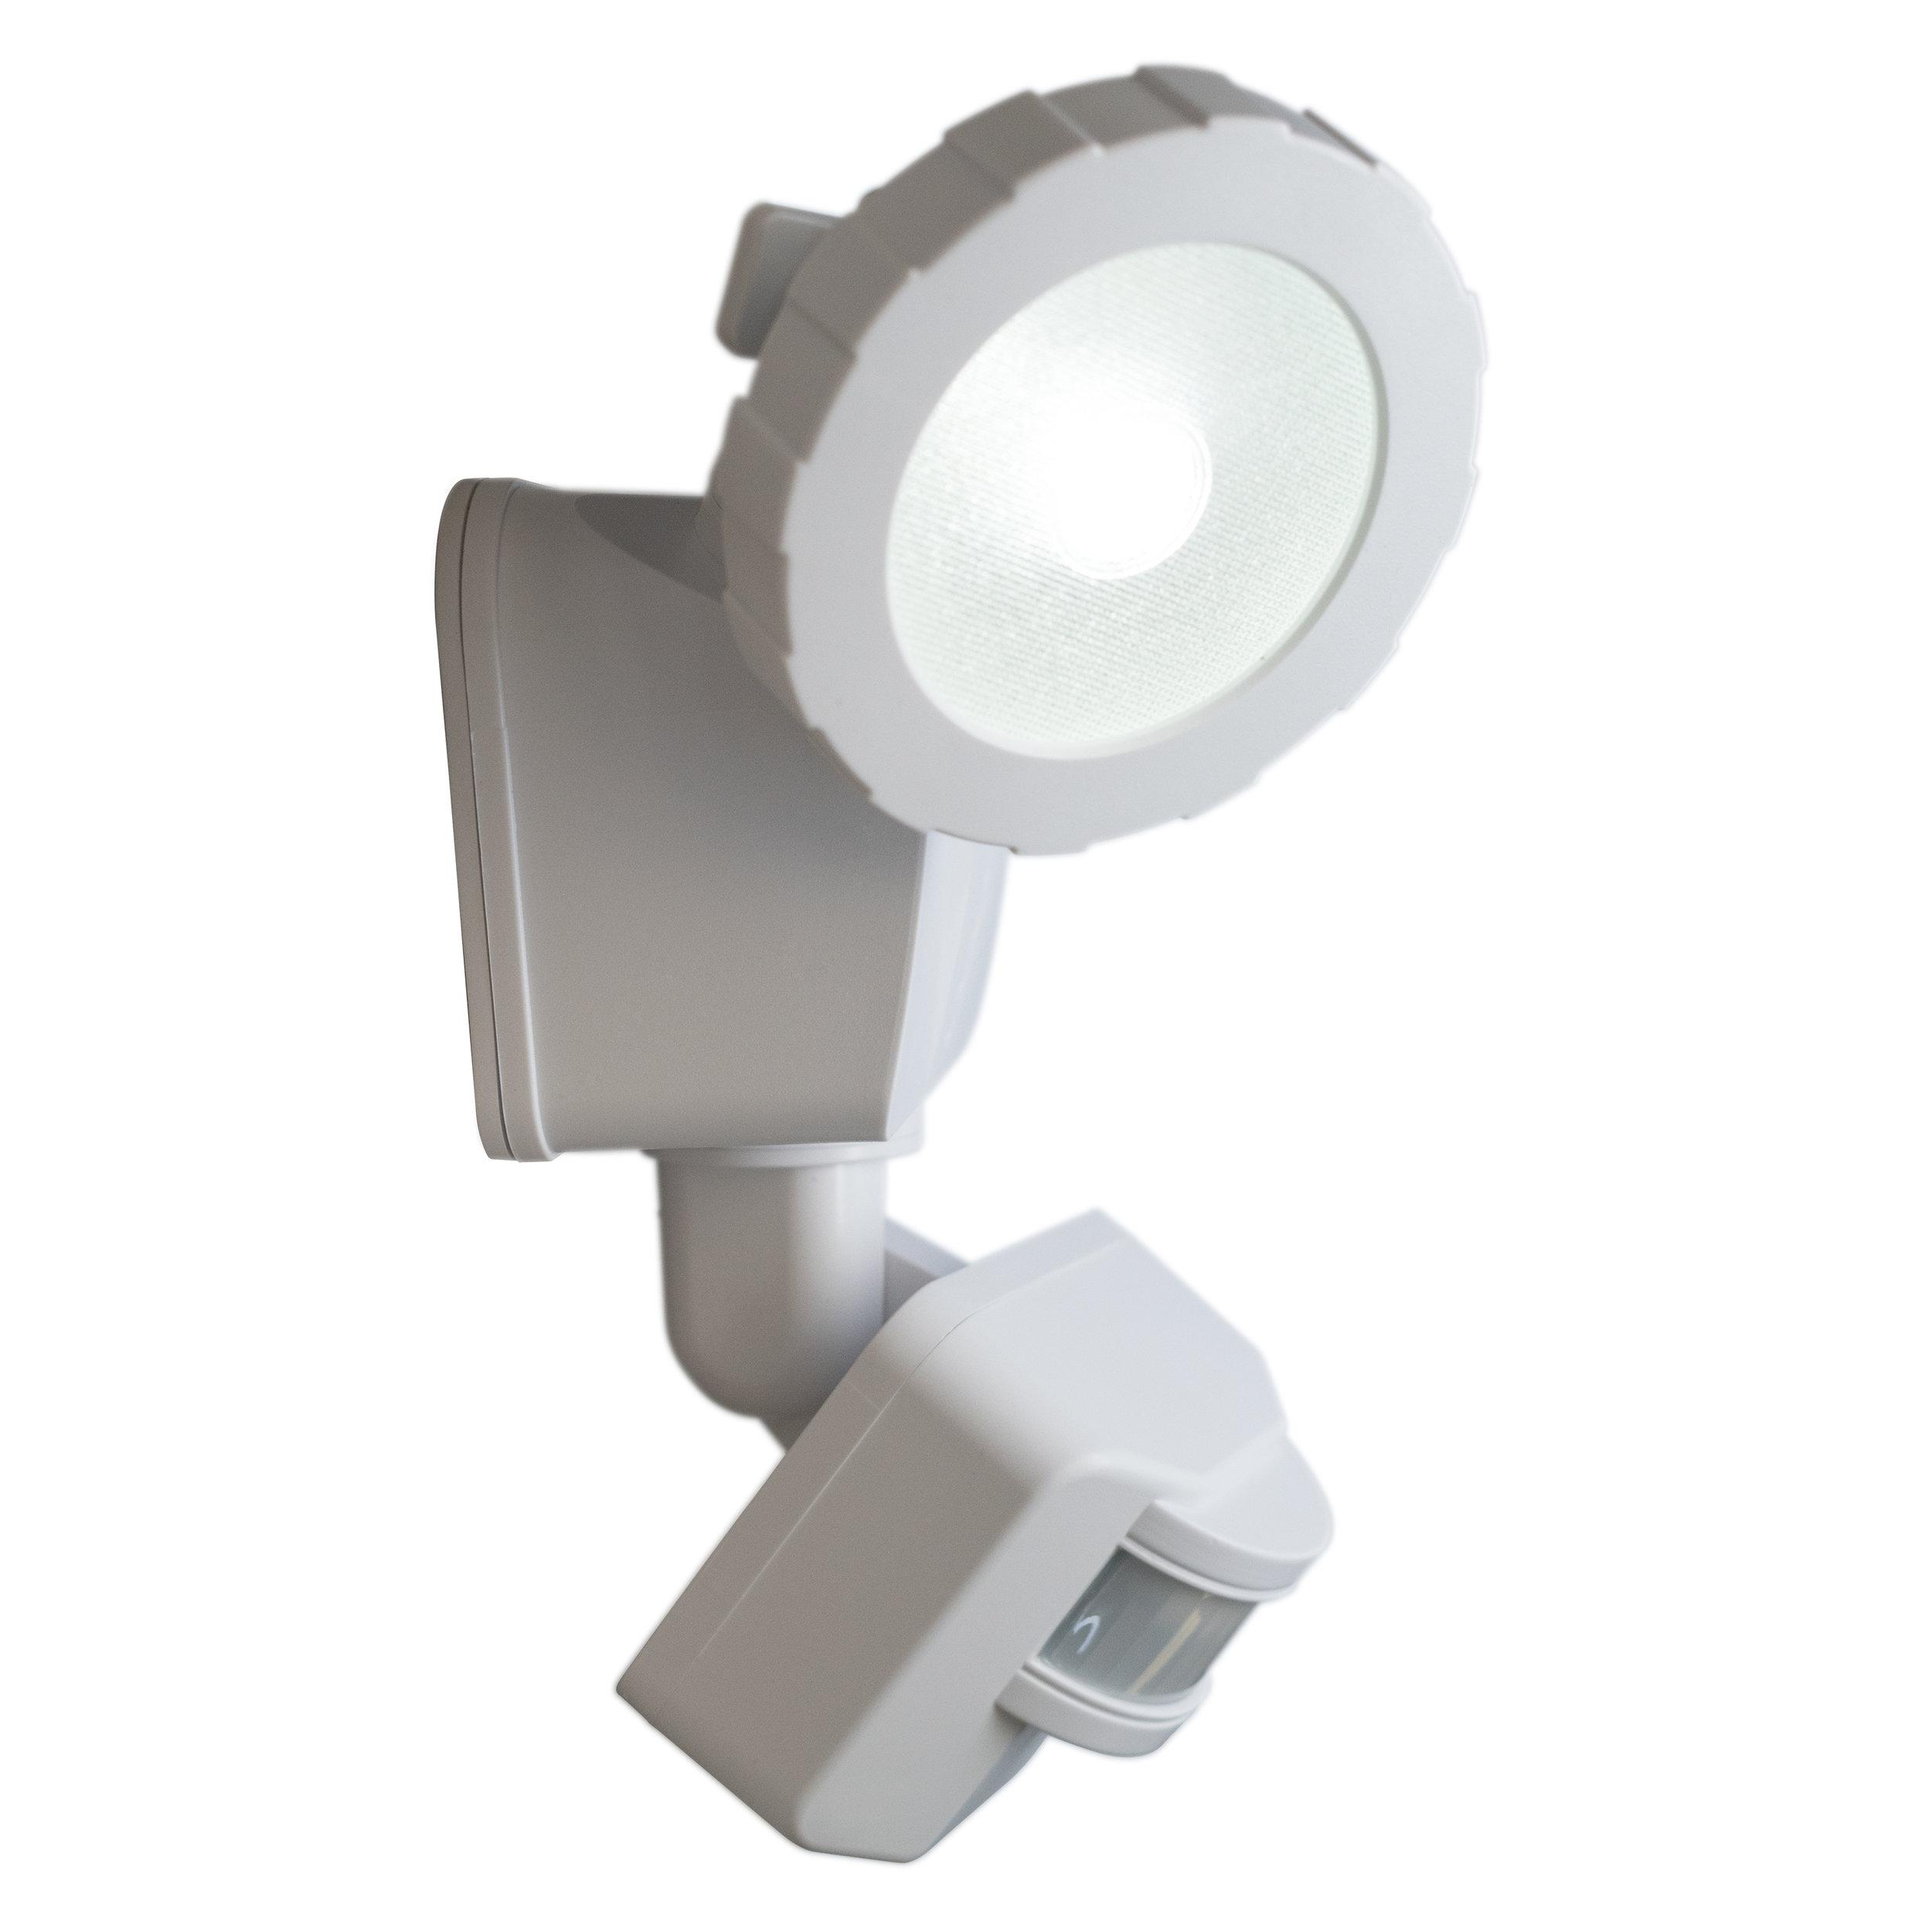 Novolink NL-DSW1 Solar Security Light, Side